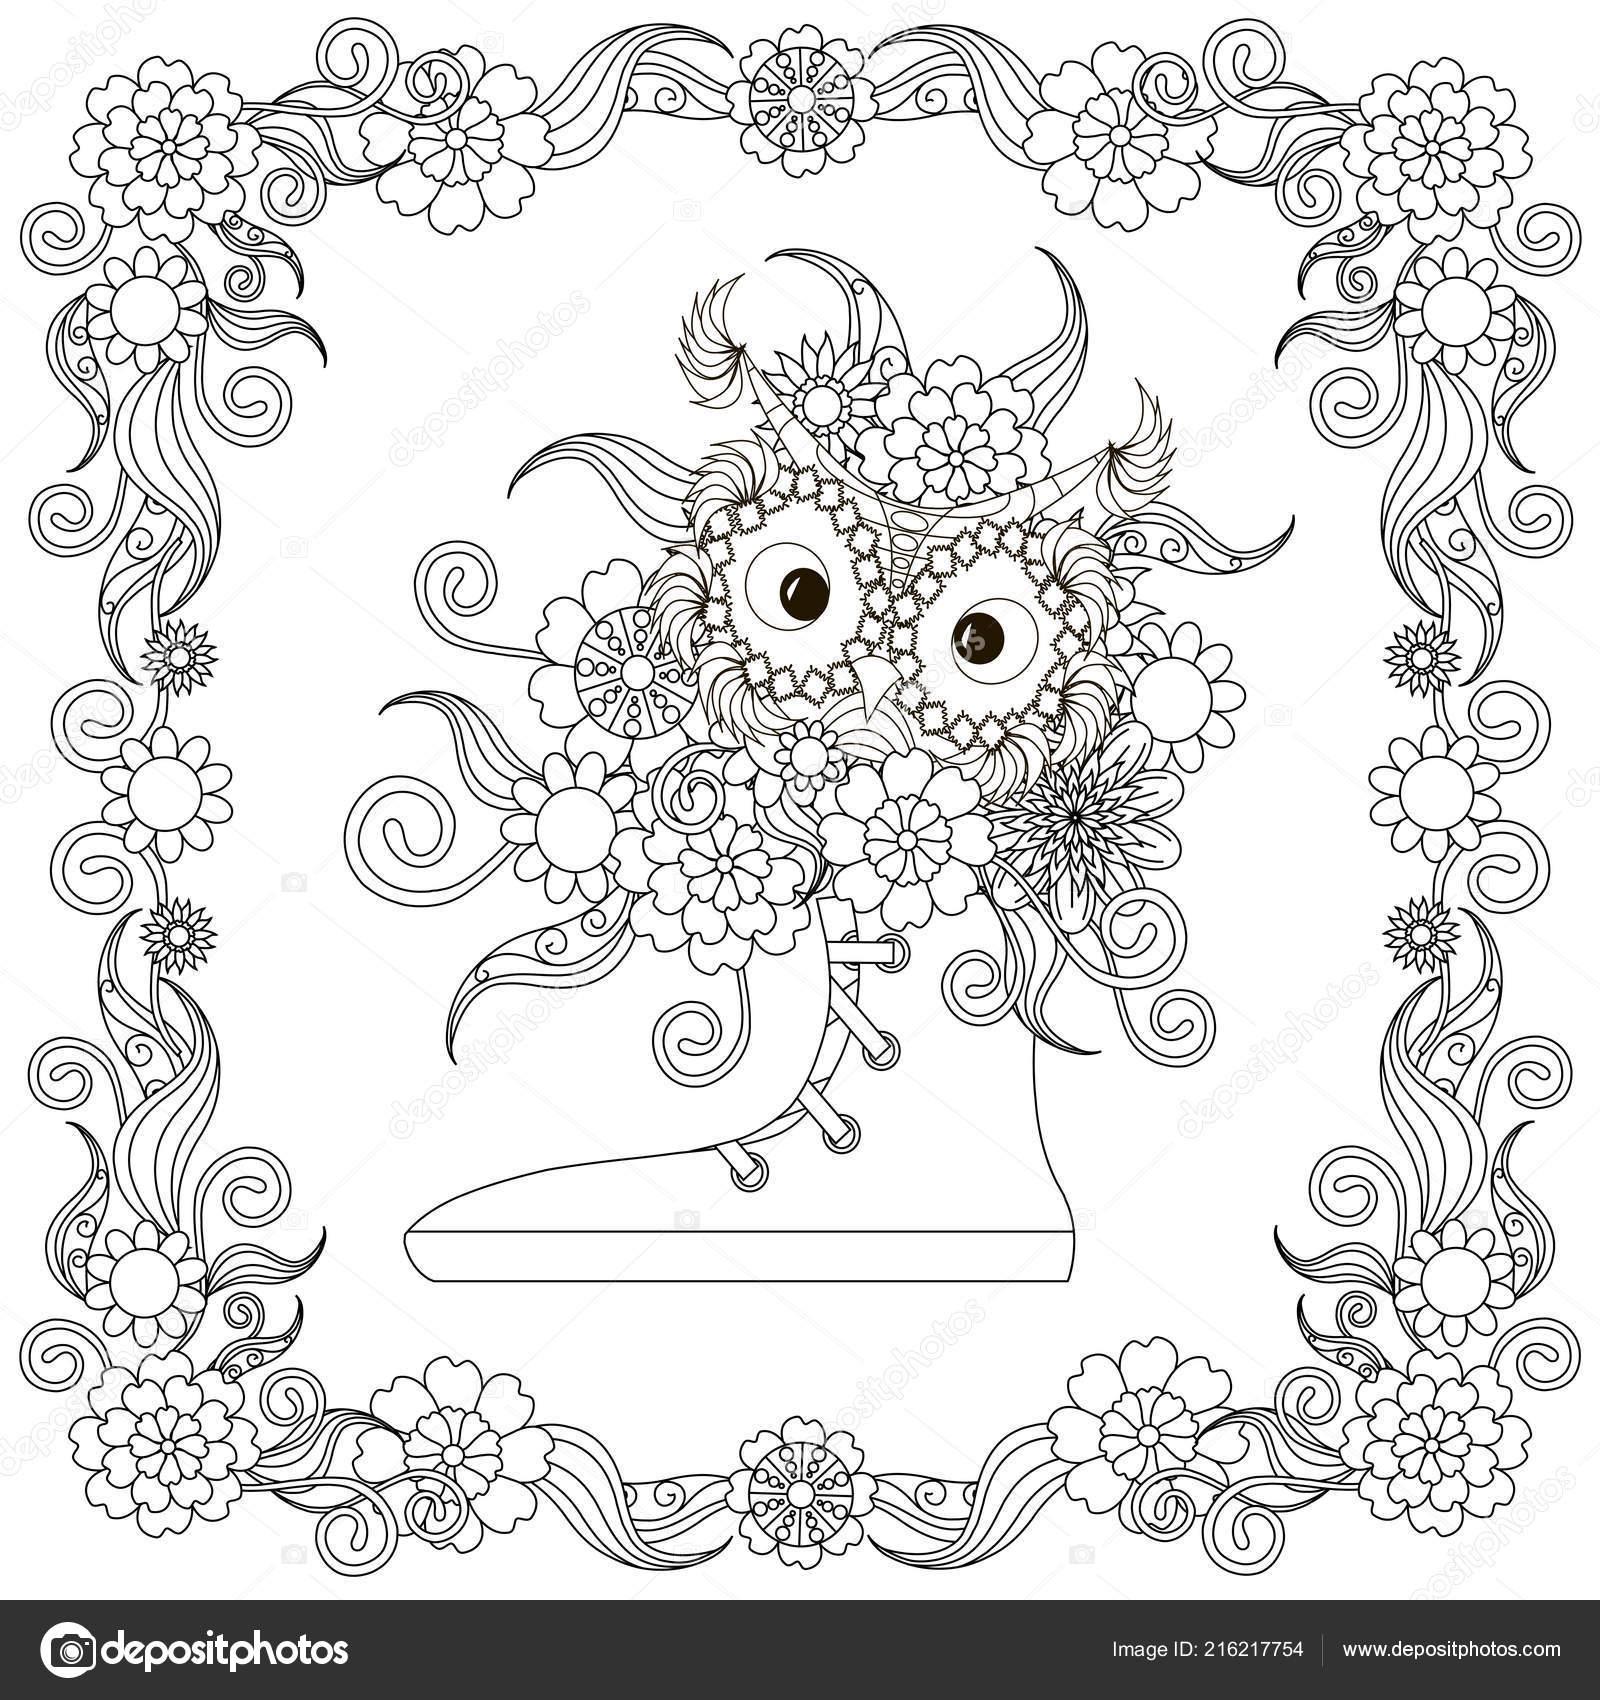 Baykuş Ile Spor Ayakkabı çerçeve çiçek çiçekler Buket Tasarım öğesi